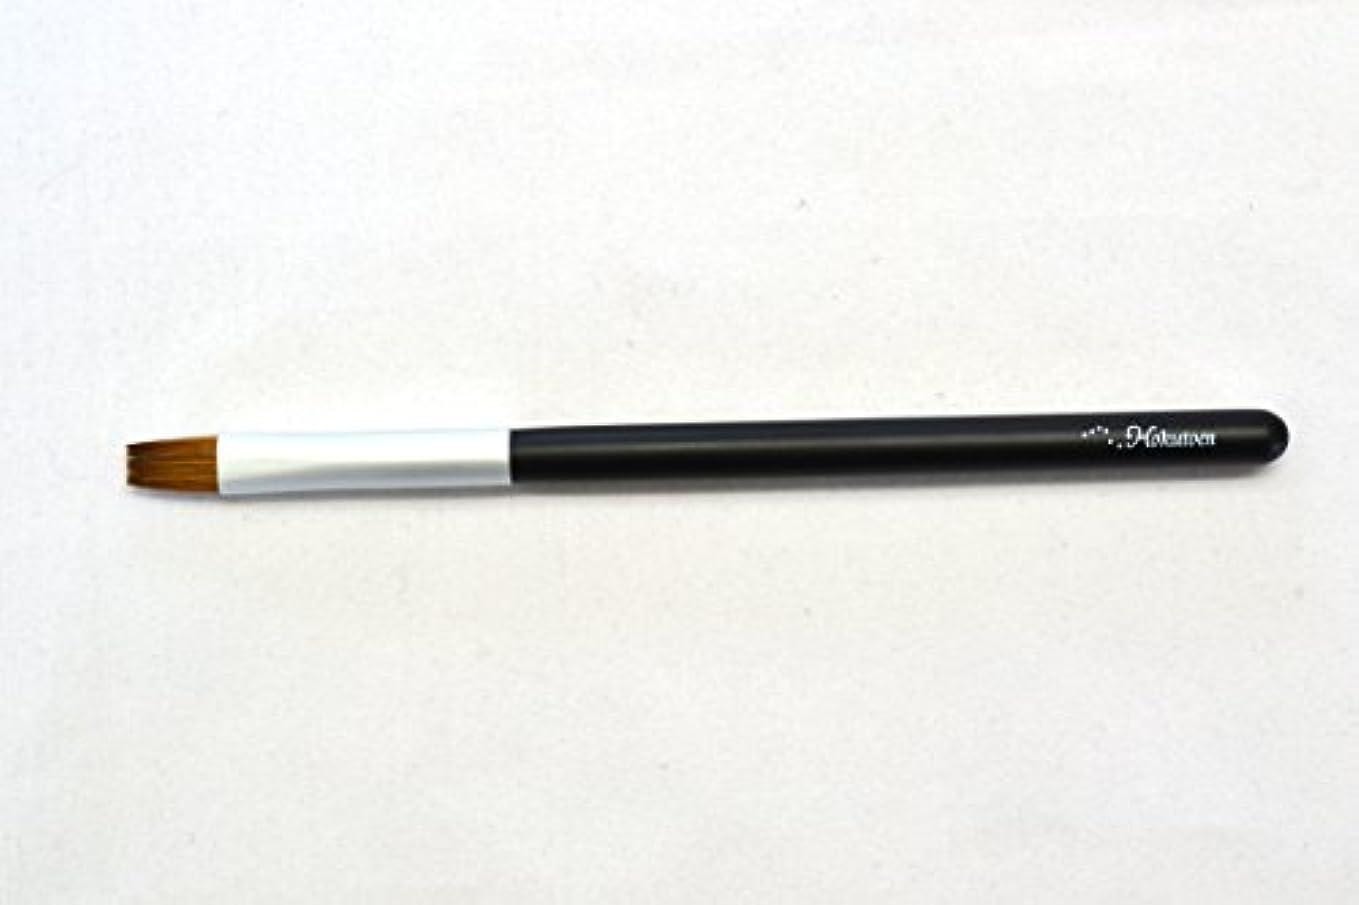 販売計画布扱いやすい熊野筆 北斗園 Kシリーズ リップブラシ(黒銀)